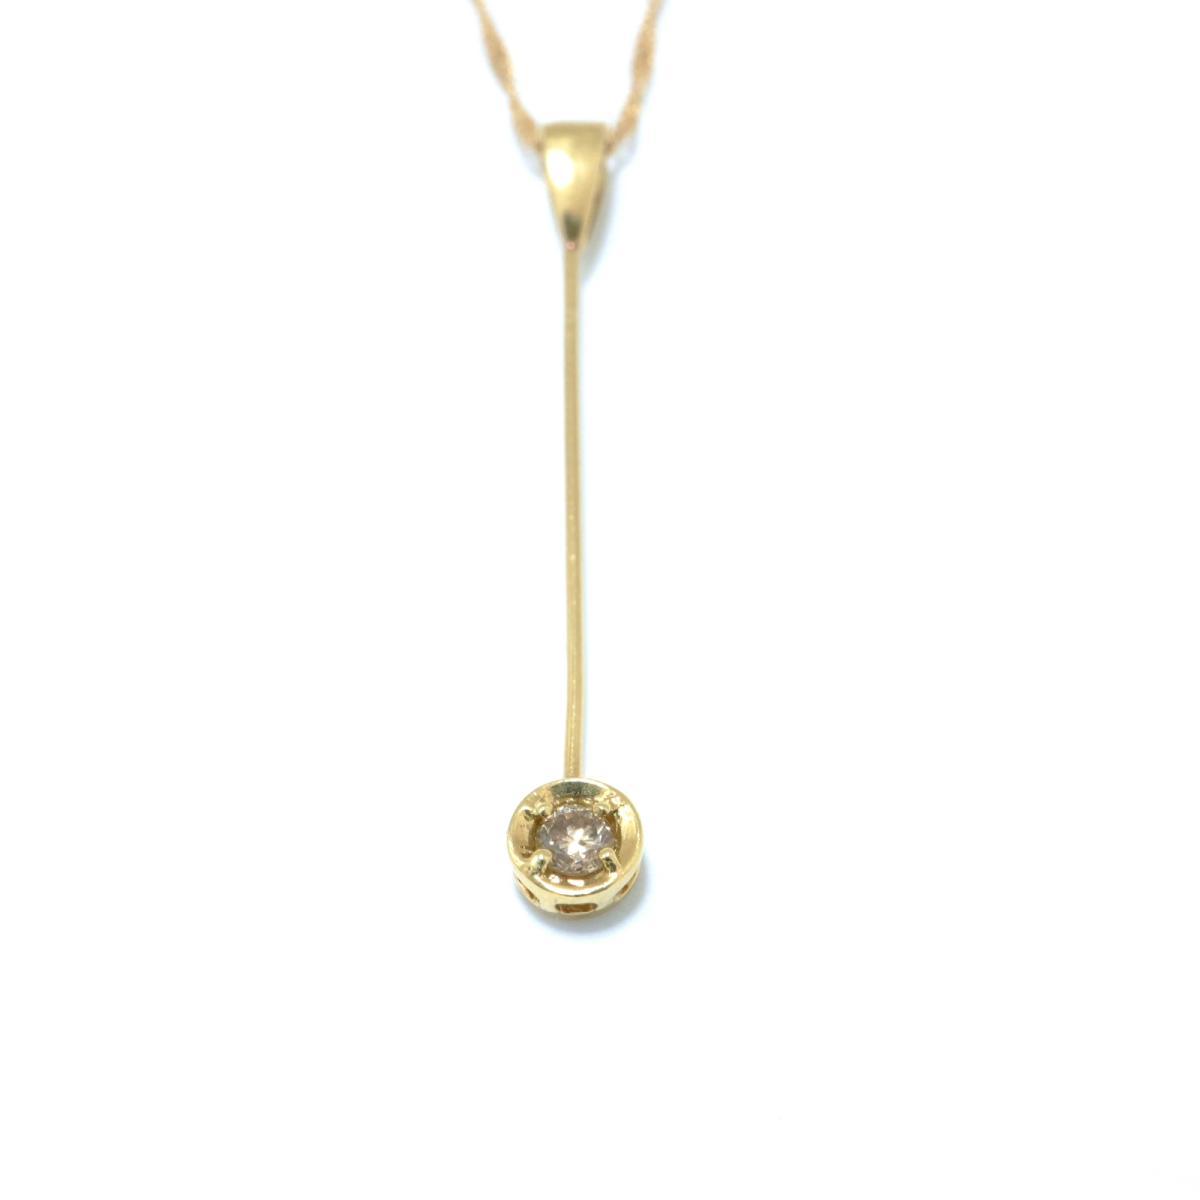 ジュエリー ダイヤモンド ネックレス ノーブランドジュエリー レディース K18YG 750イエローゴールド x ダイヤモンド 0 05ctクリアー x ゴールドoxerdCBW